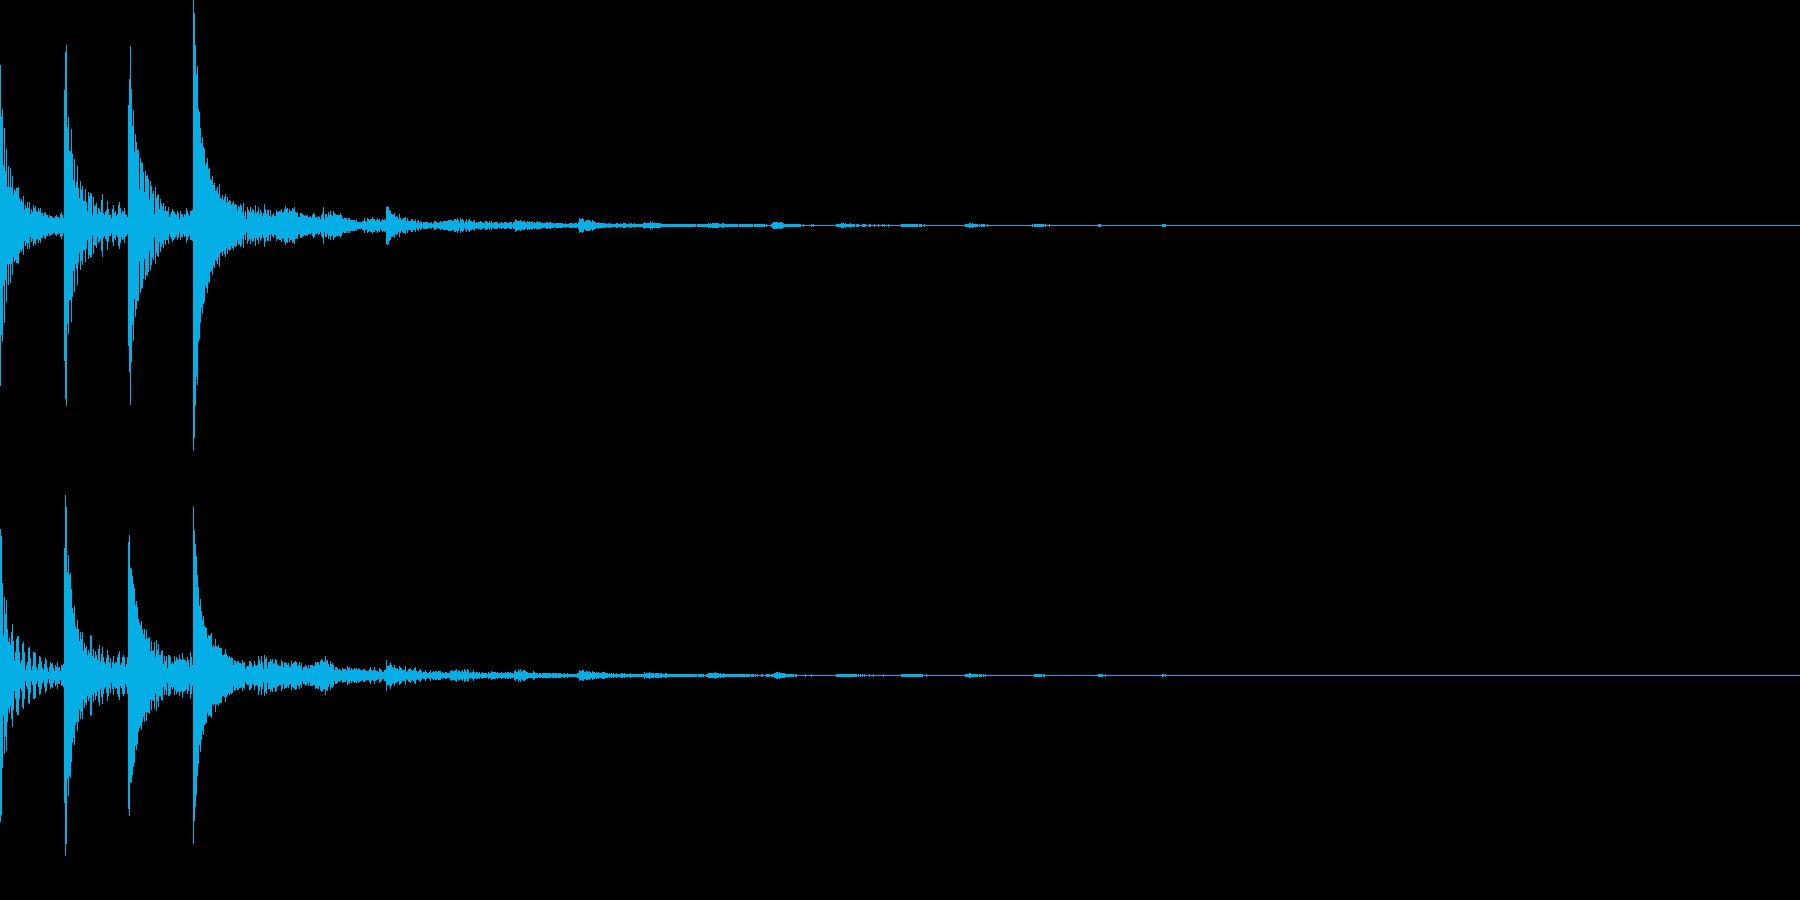 ピコポコ(テクノ宇宙SF/アイキャッチの再生済みの波形